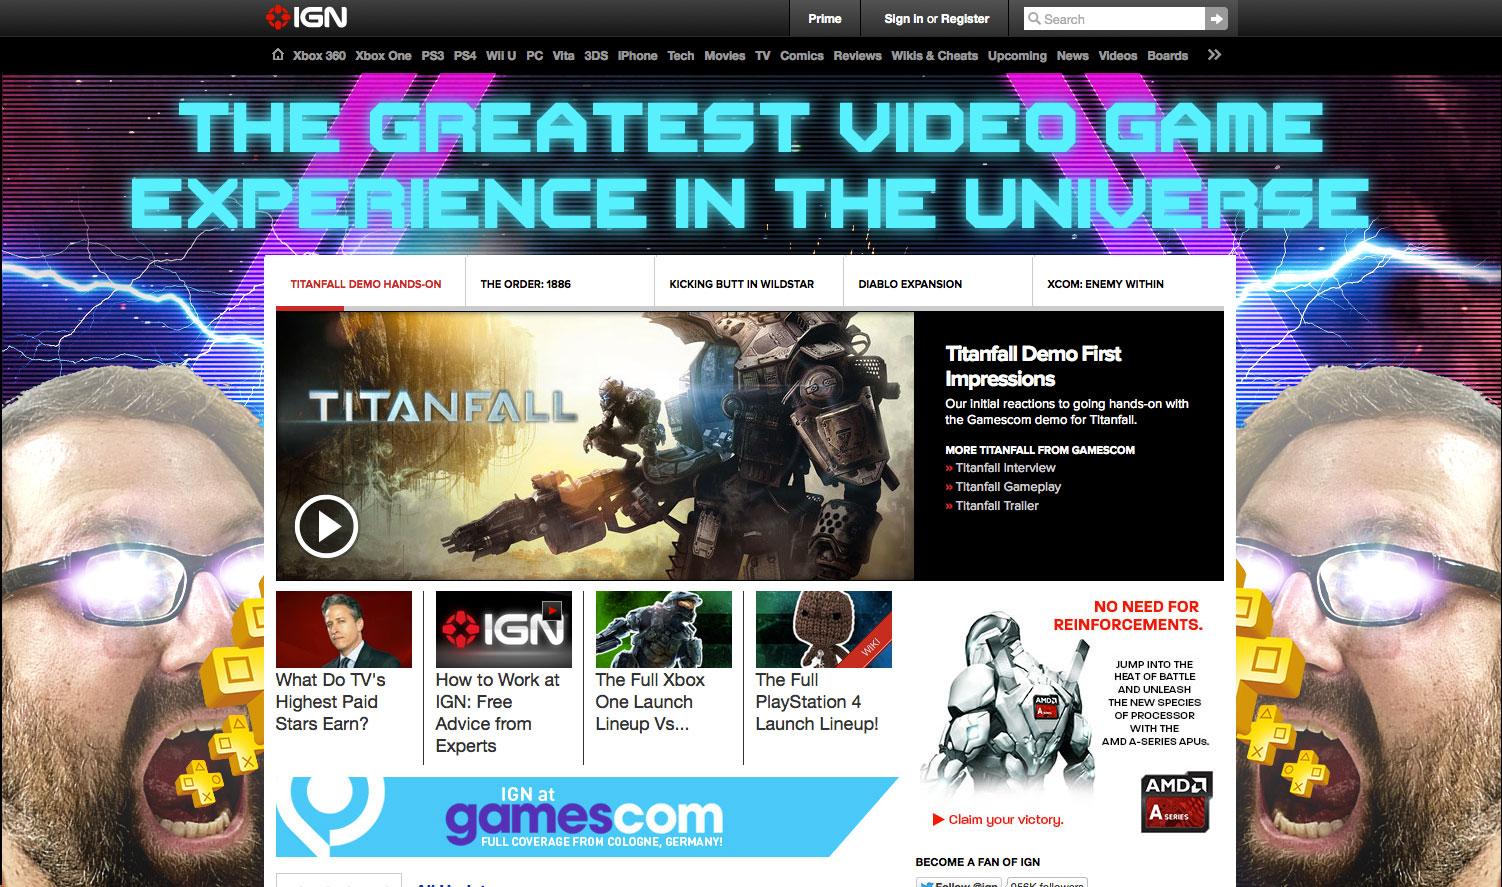 IGN_TAKEOVER_ACTIVESTATE_V3.jpg